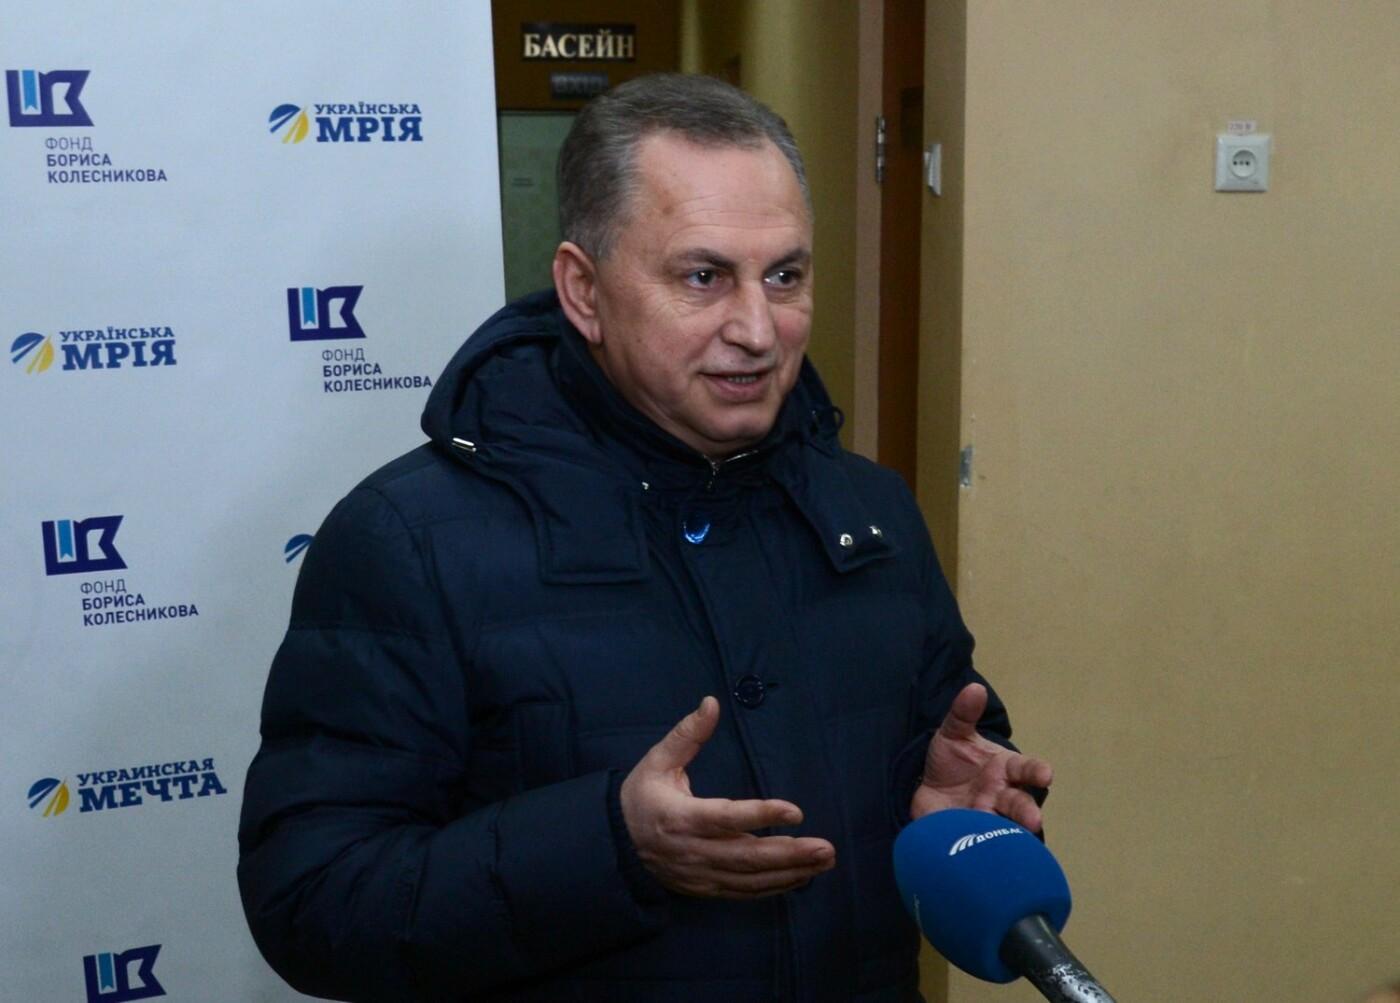 Попечительские советы под эгидой Фонда Бориса Колесникова реализуют социальные проекты в Донецкой области, фото-12